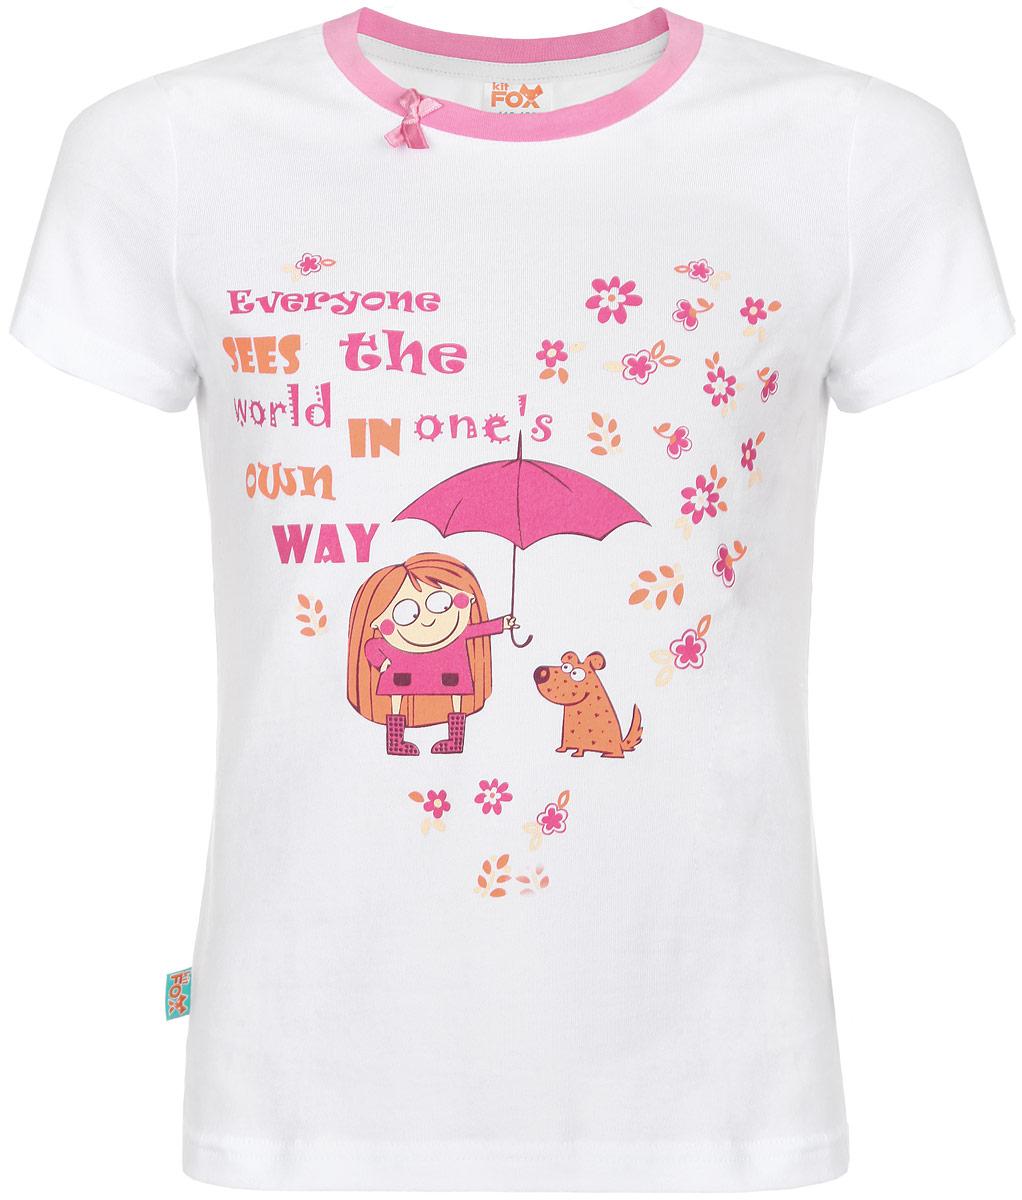 Футболка для девочки KitFox Love Is, цвет: белый, розовый, оранжевый. AW15-UAT-GTS-165. Размер 92/98 гель флюид weleda облепиховый тонизирующий гель для душа weleda